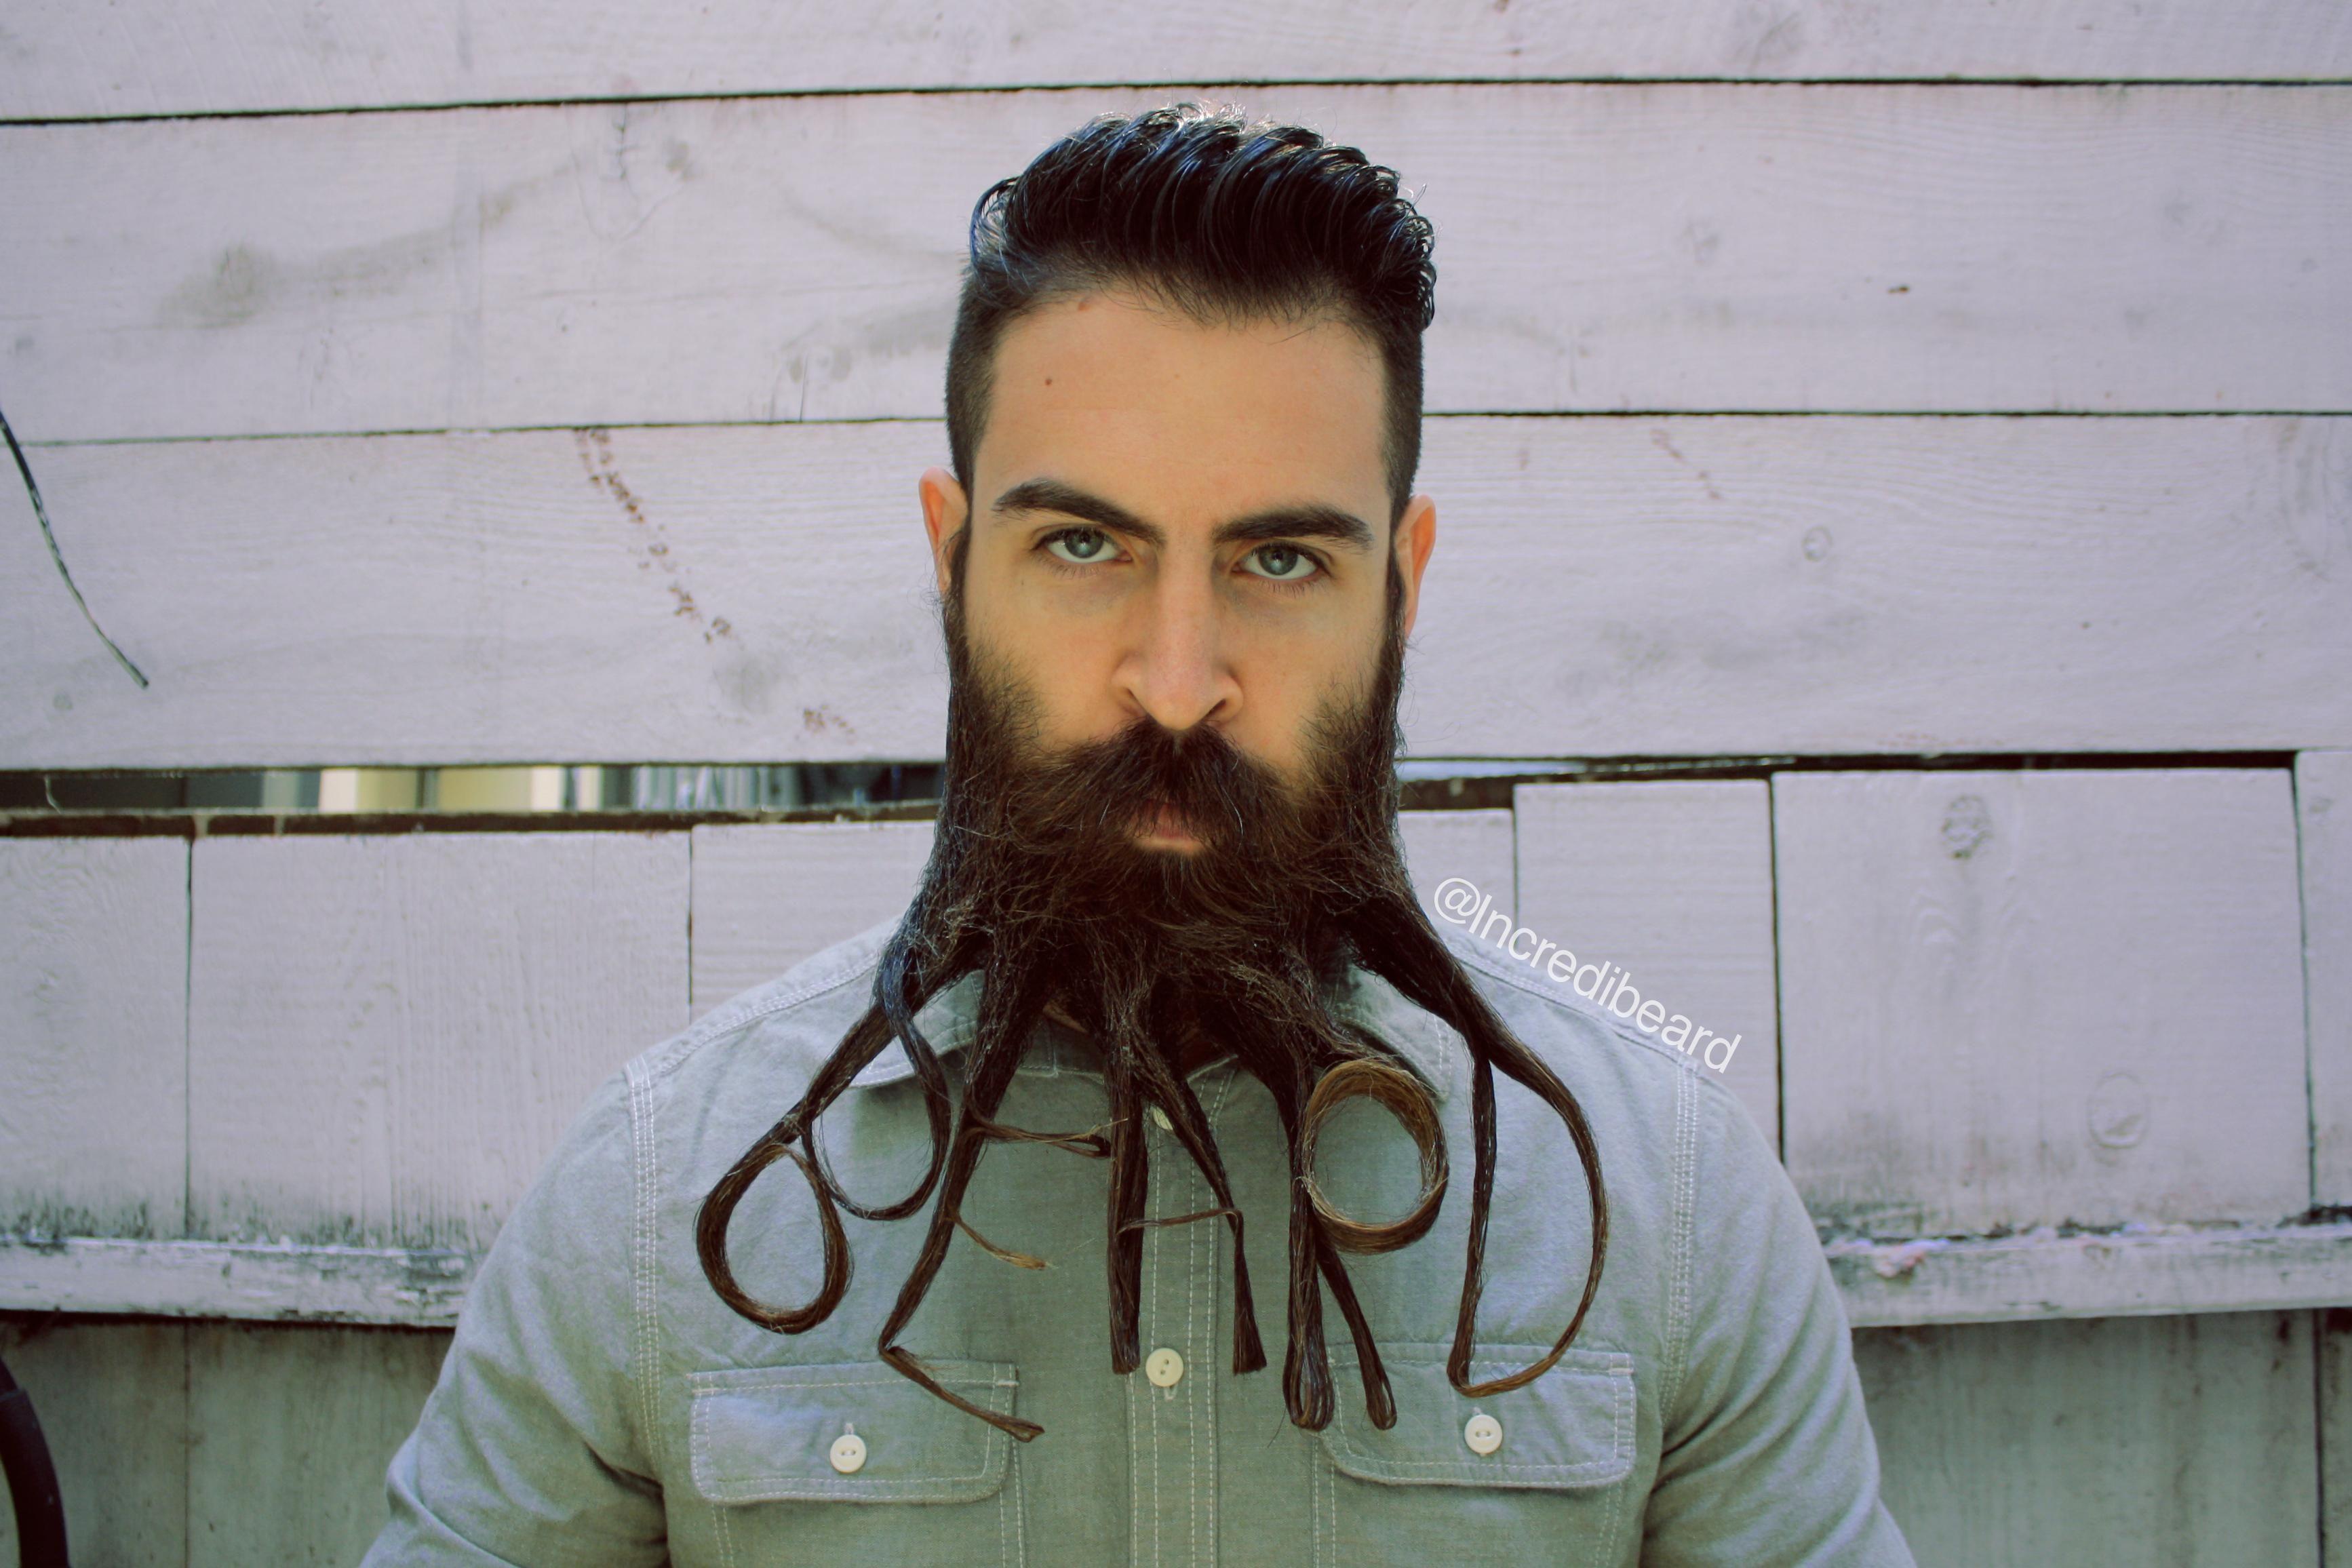 Beardception Beard In A Beard Epic Beard - Incredibeard glorious beard